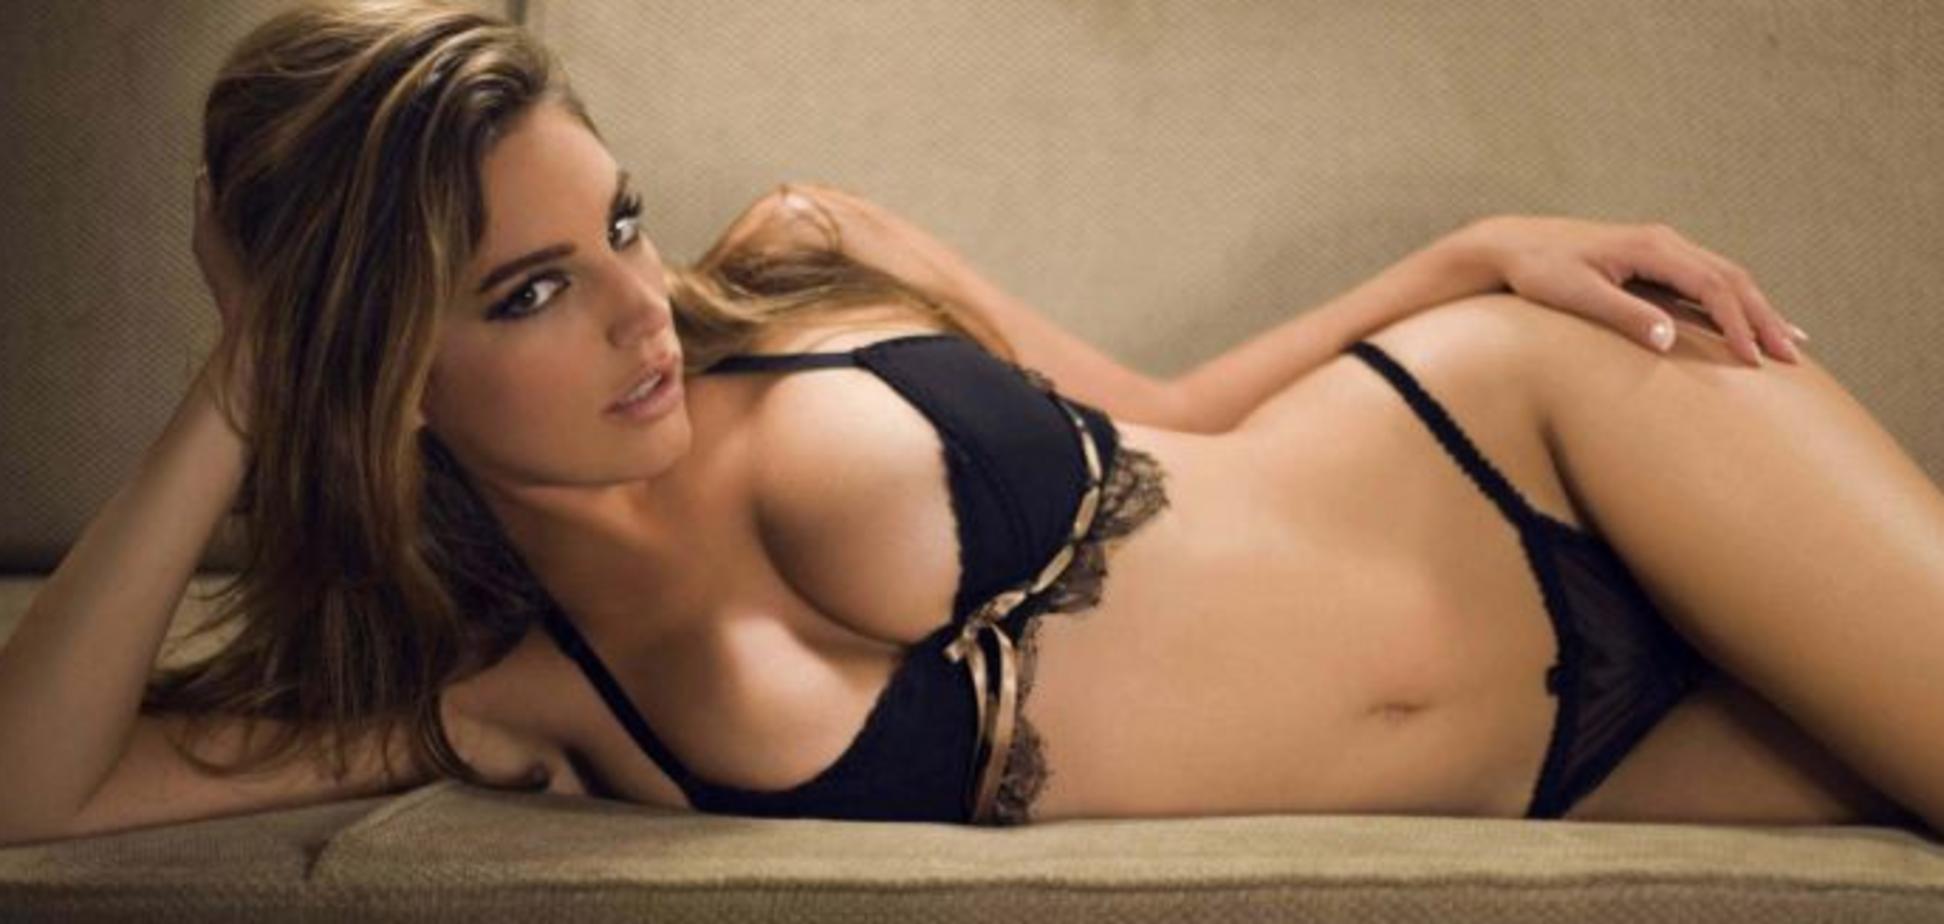 Пластичні хірурги назвали розмір грудей, що робить жінок щасливими